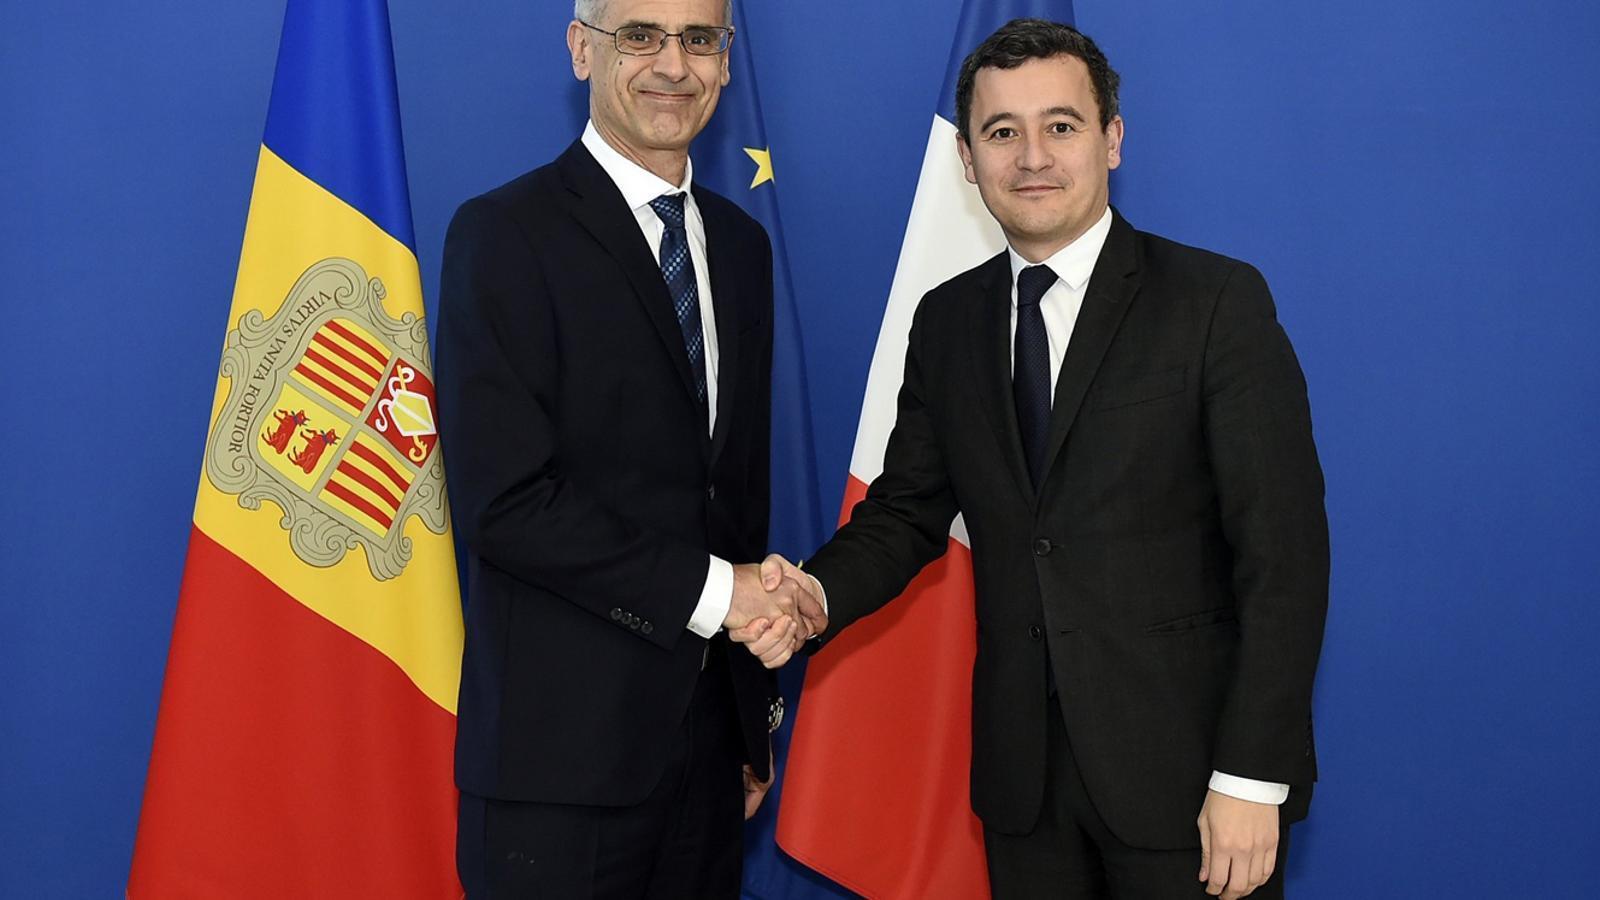 El cap de Govern, Toni Martí, i el ministre d'Acció i Comptes Públics francès, Gérald Darmanin, s'han reunit aquest dimarts a París. / SFGA